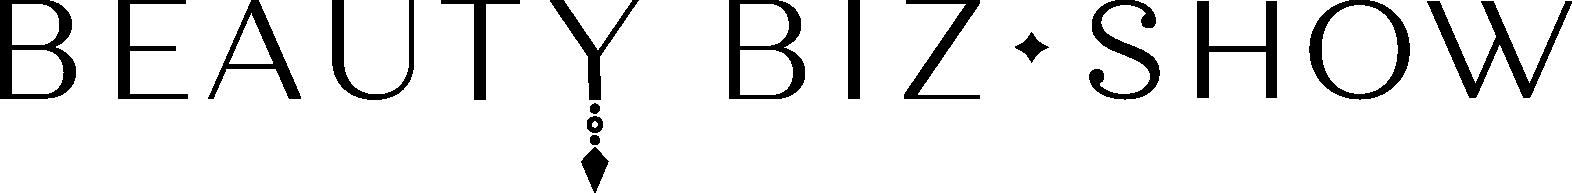 bb show